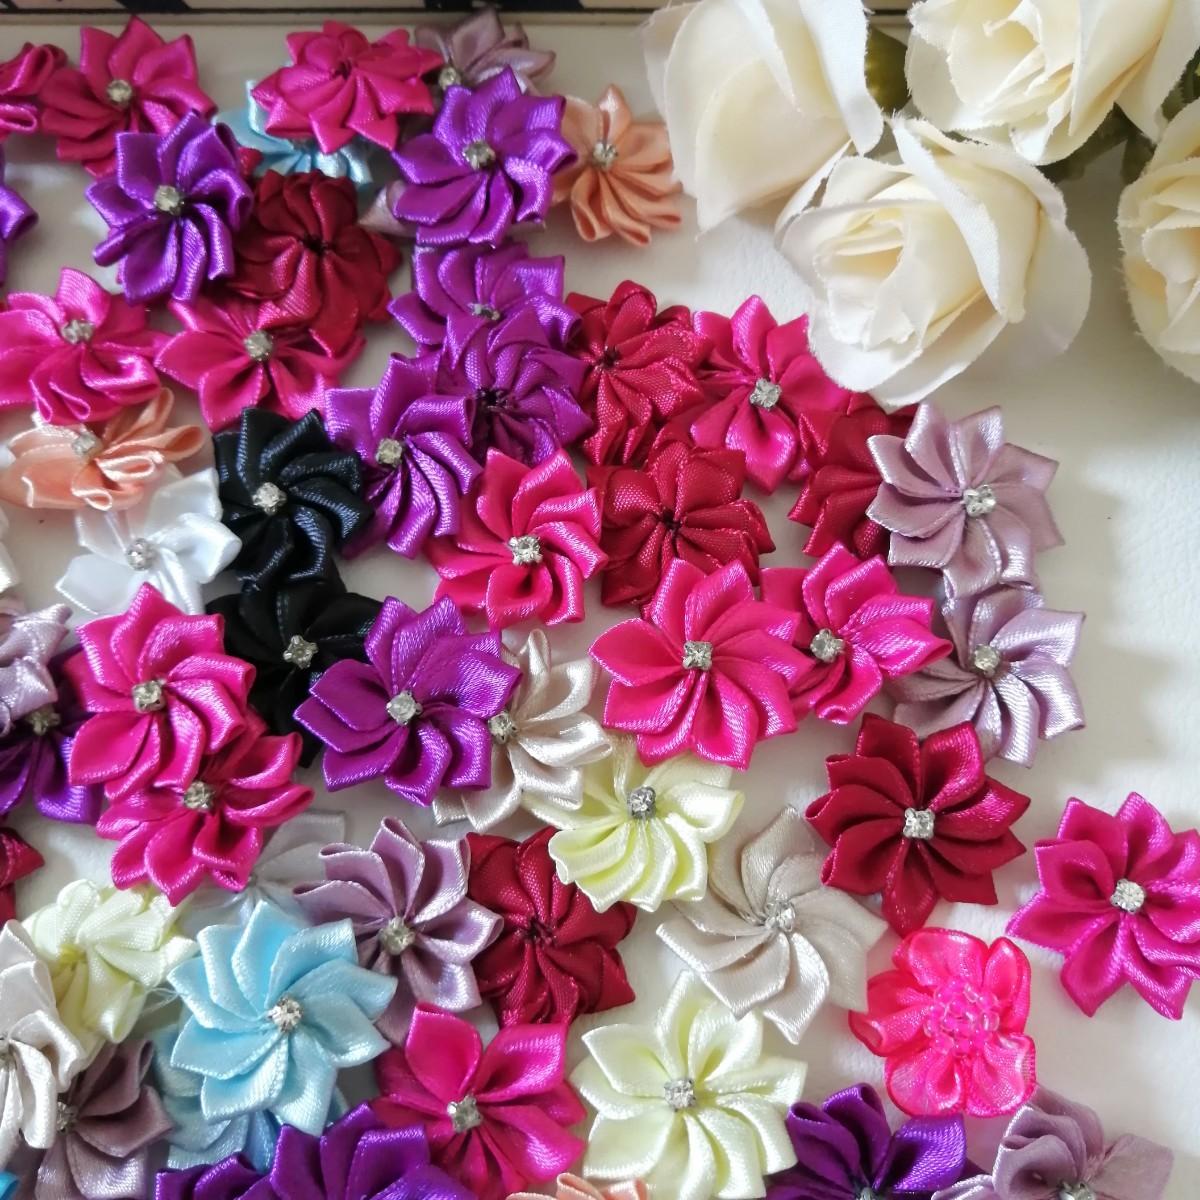 ハンドメイド ワッペン   刺繍 綺麗なワッベン 手作り 花モチーフ 石あり 1